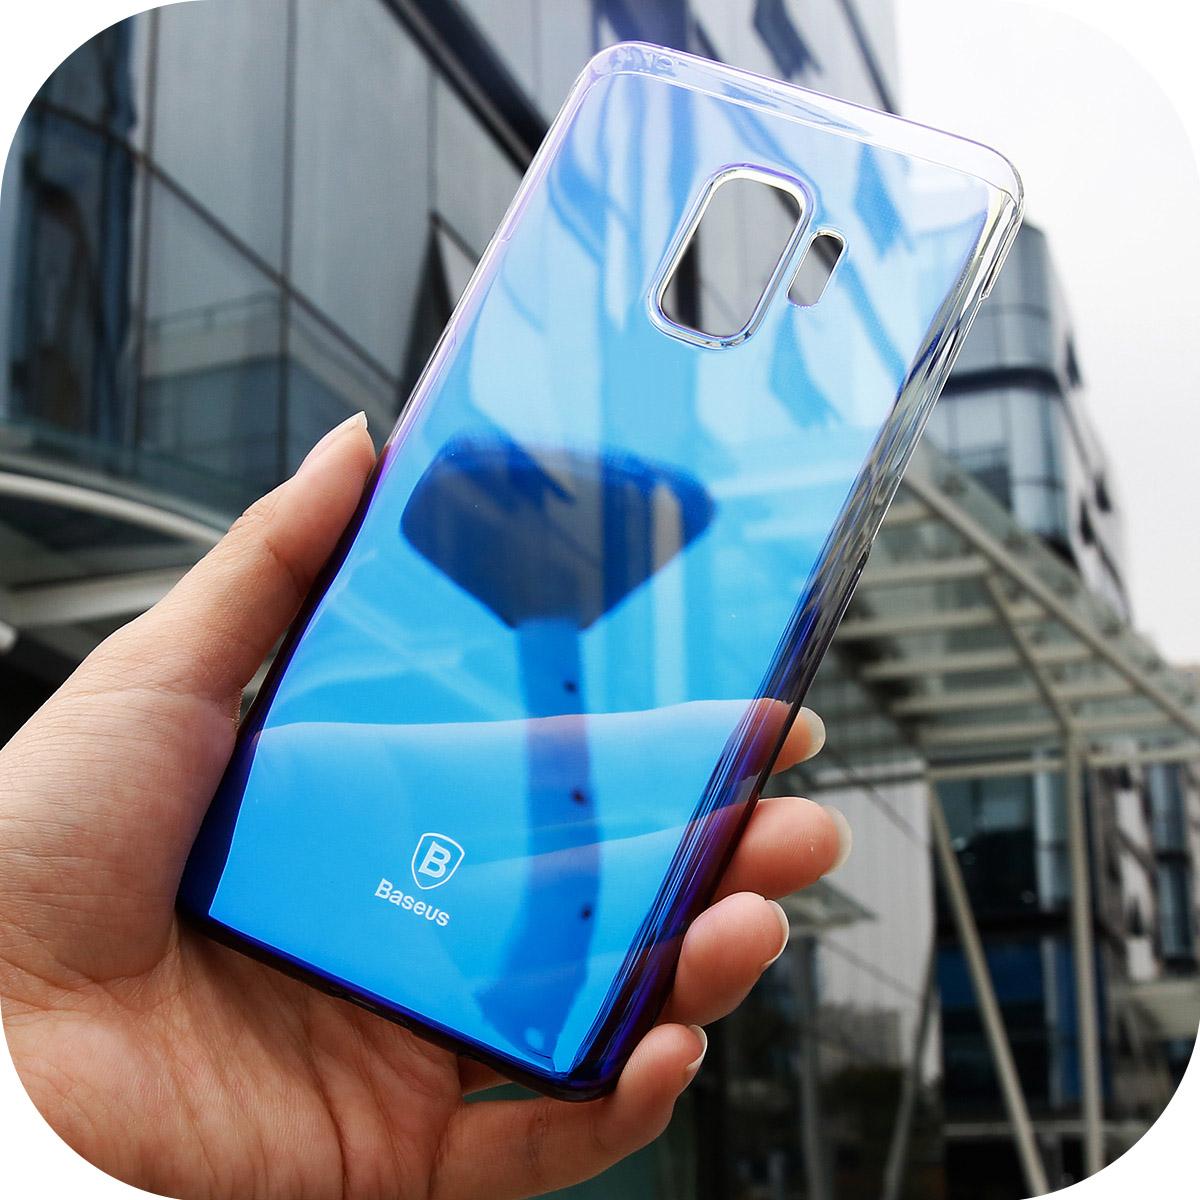 Ốp lưng Samsung Galaxy S9 Baseus Glaze chống va đập, trầy xước